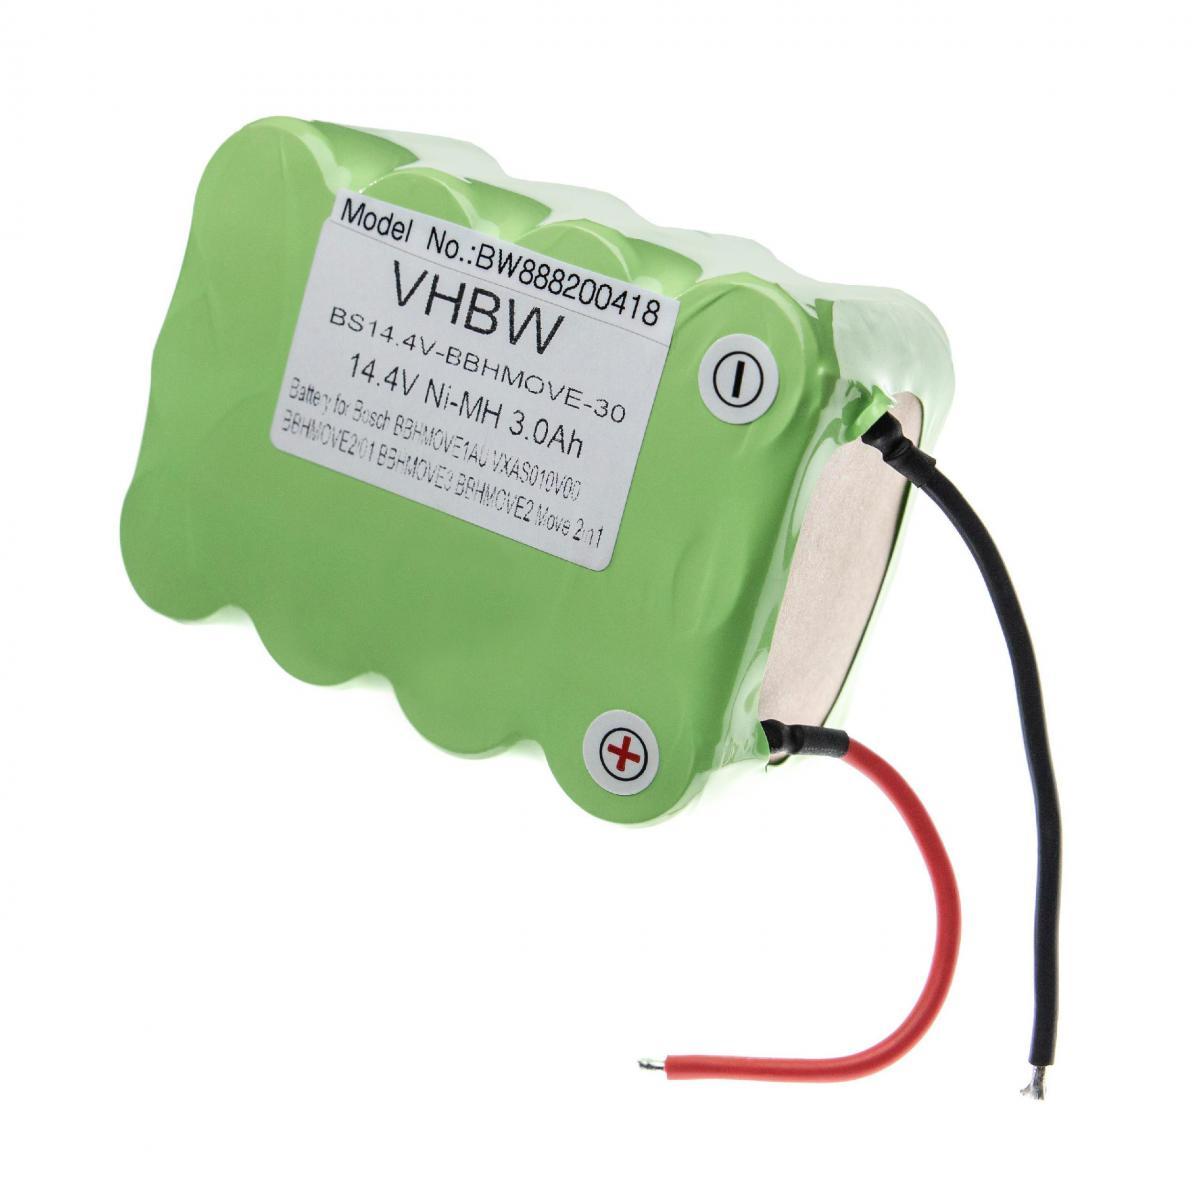 Vhbw vhbw batterie compatible avec Shark SV70, SV719, SV726N, EV729, FM26K, Pet Perfect Bagless aspirateur Home Cleaner (3000